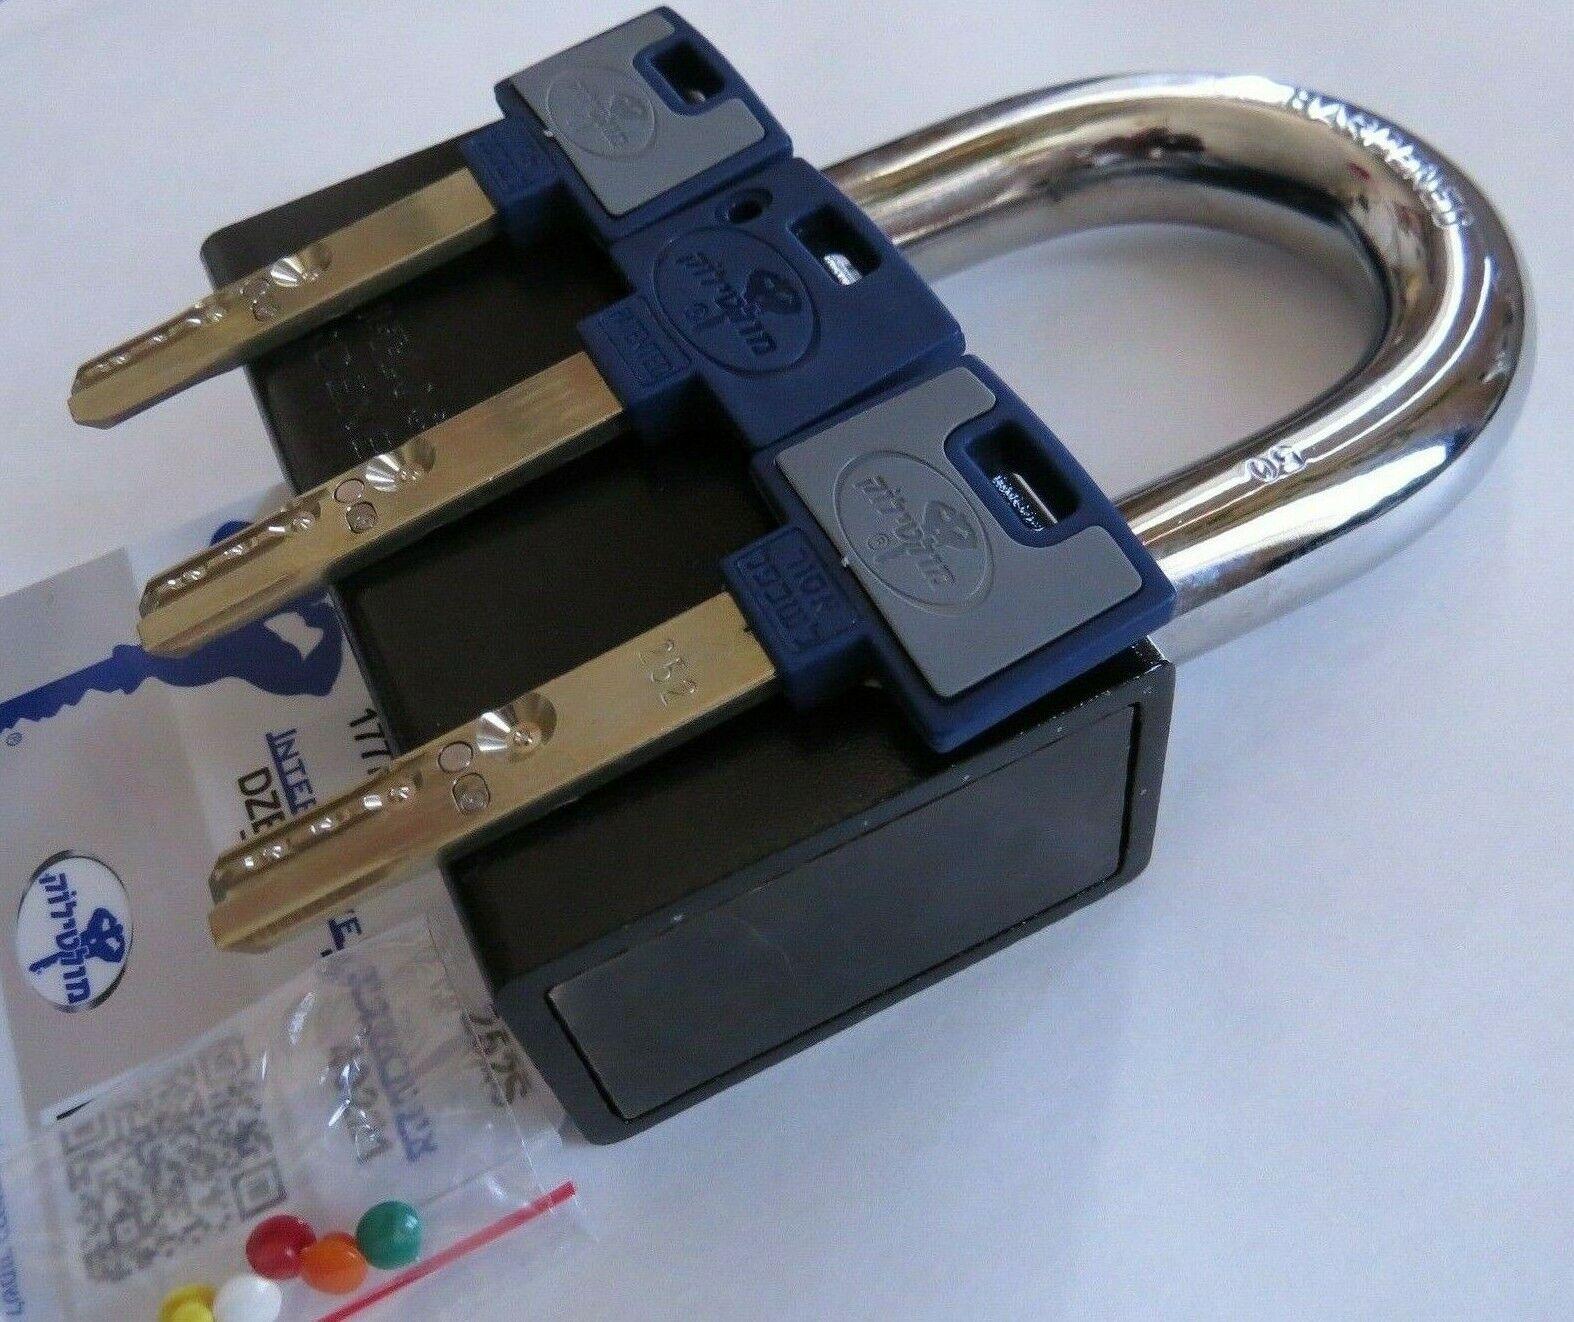 C-Series high security padlock